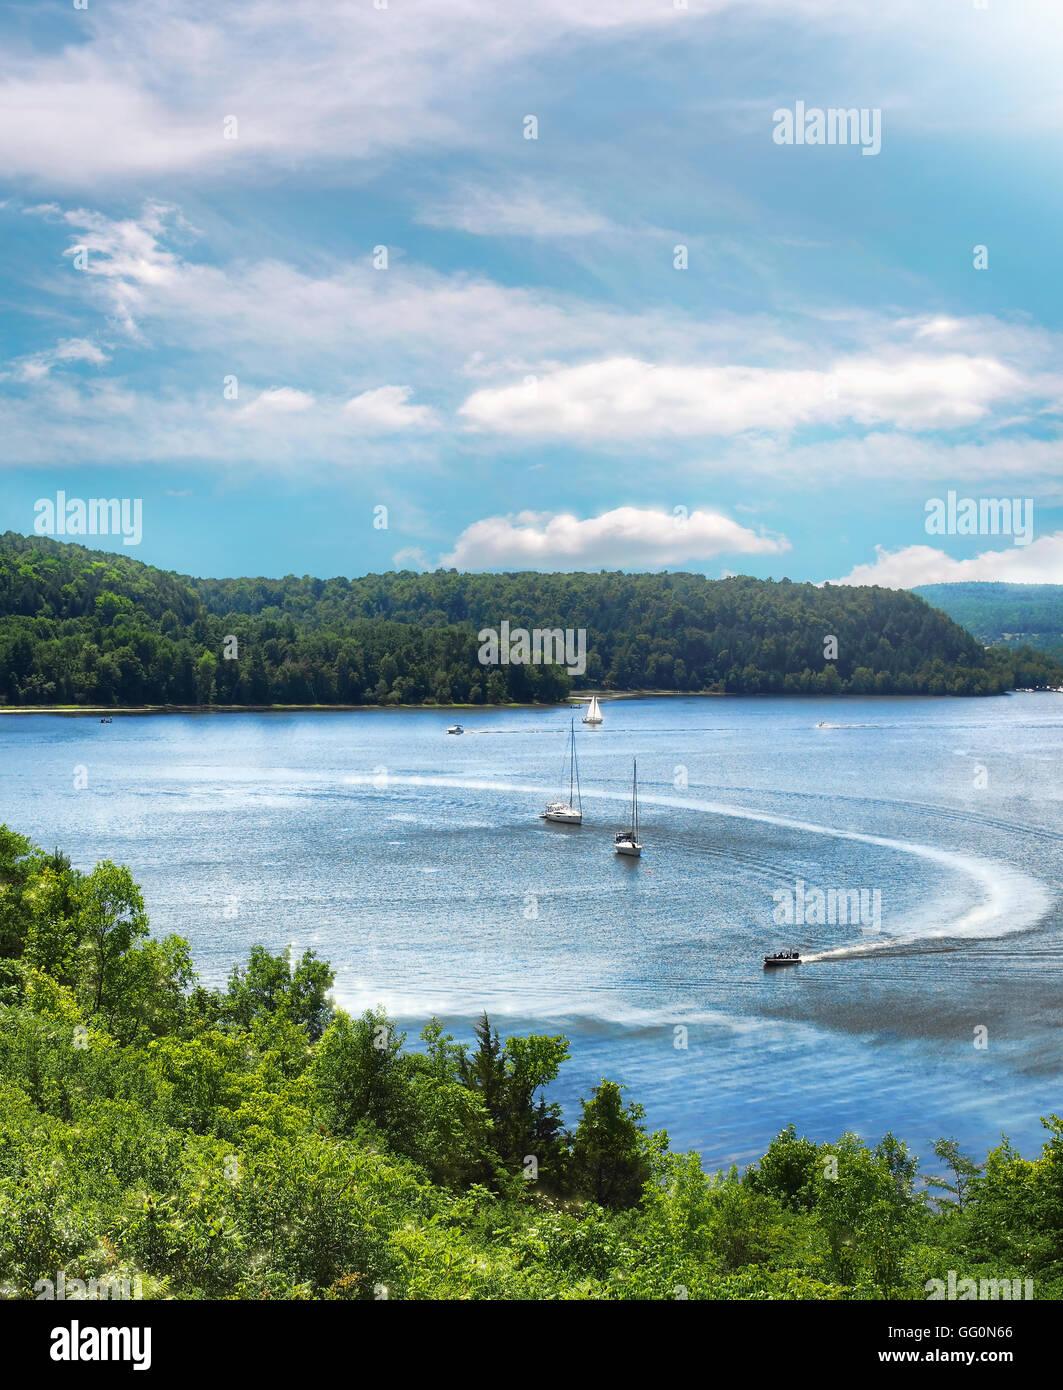 Lake Champlain on a beautiful summer day - Stock Image